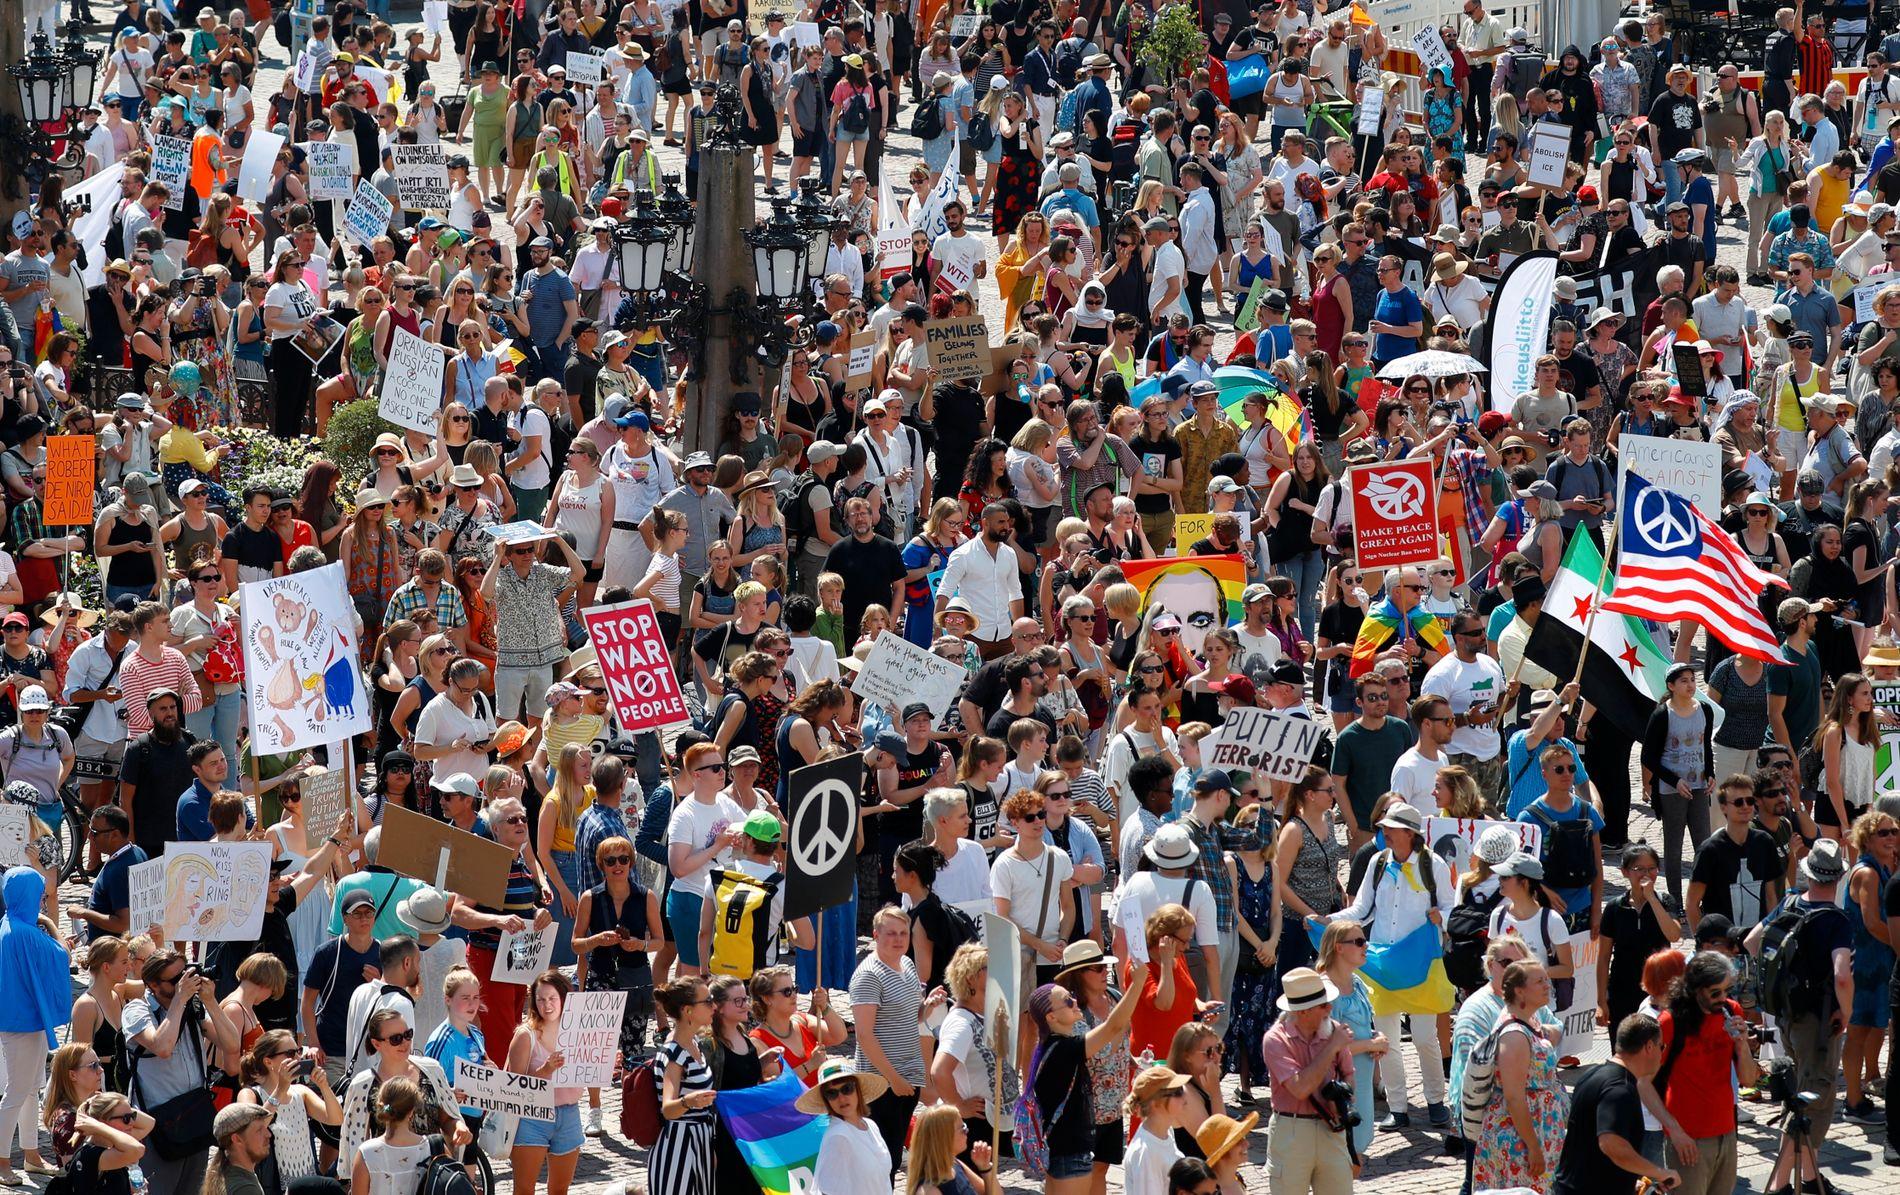 FLERE DEMONSTRANTER: Flere tusen demonstranter har møtt opp i Helsingfors søndag. Det er er forventet flere demonstrasjoner på mandag.